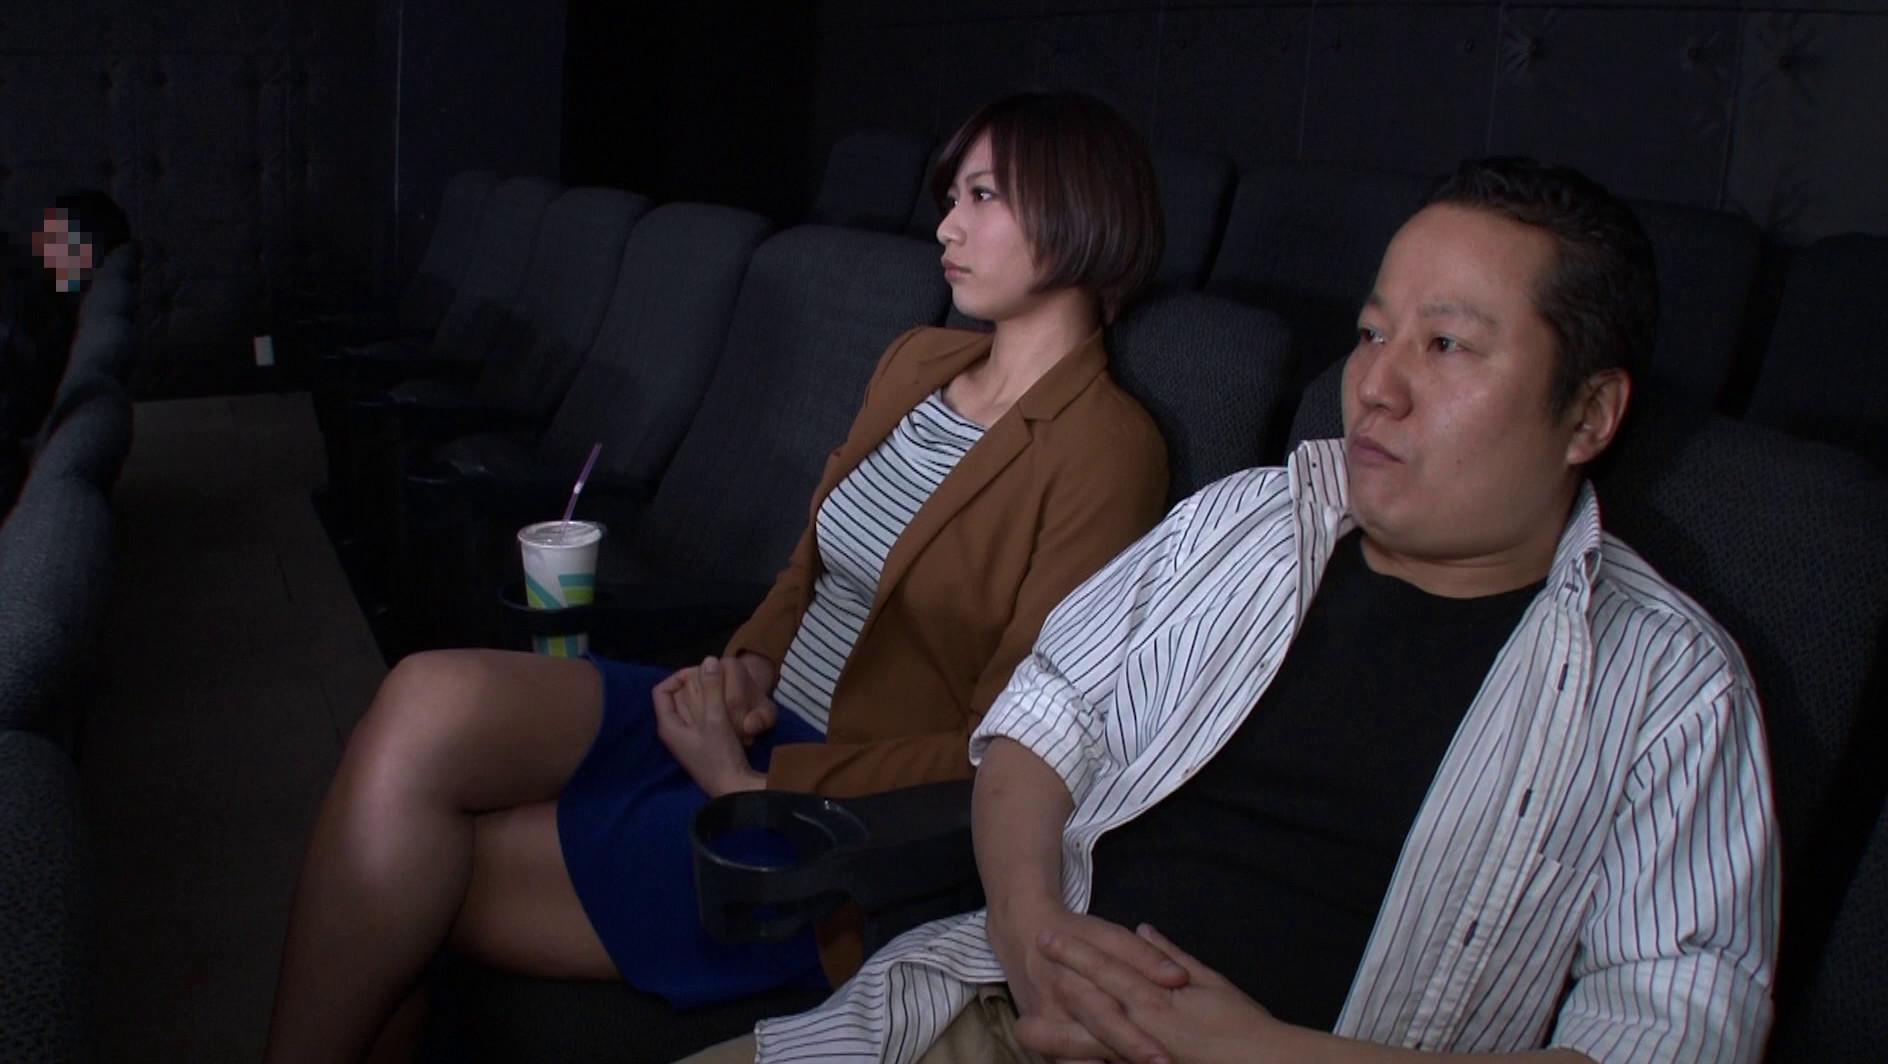 映画館のレイトショーは人が少なくて落ち着く・・・はずなのですが、突然僕の隣にミニスカートのソソる美女が座ってきた!!映画よりもスカートから覗く生足が気になって仕方がない!無言の誘惑に勃起した僕に気付いた美女が、微笑みながら手を伸ばしてきて・・・まさか館内でこっそりヌイてくれた!!それどころかハメさせてくれた!? 画像17